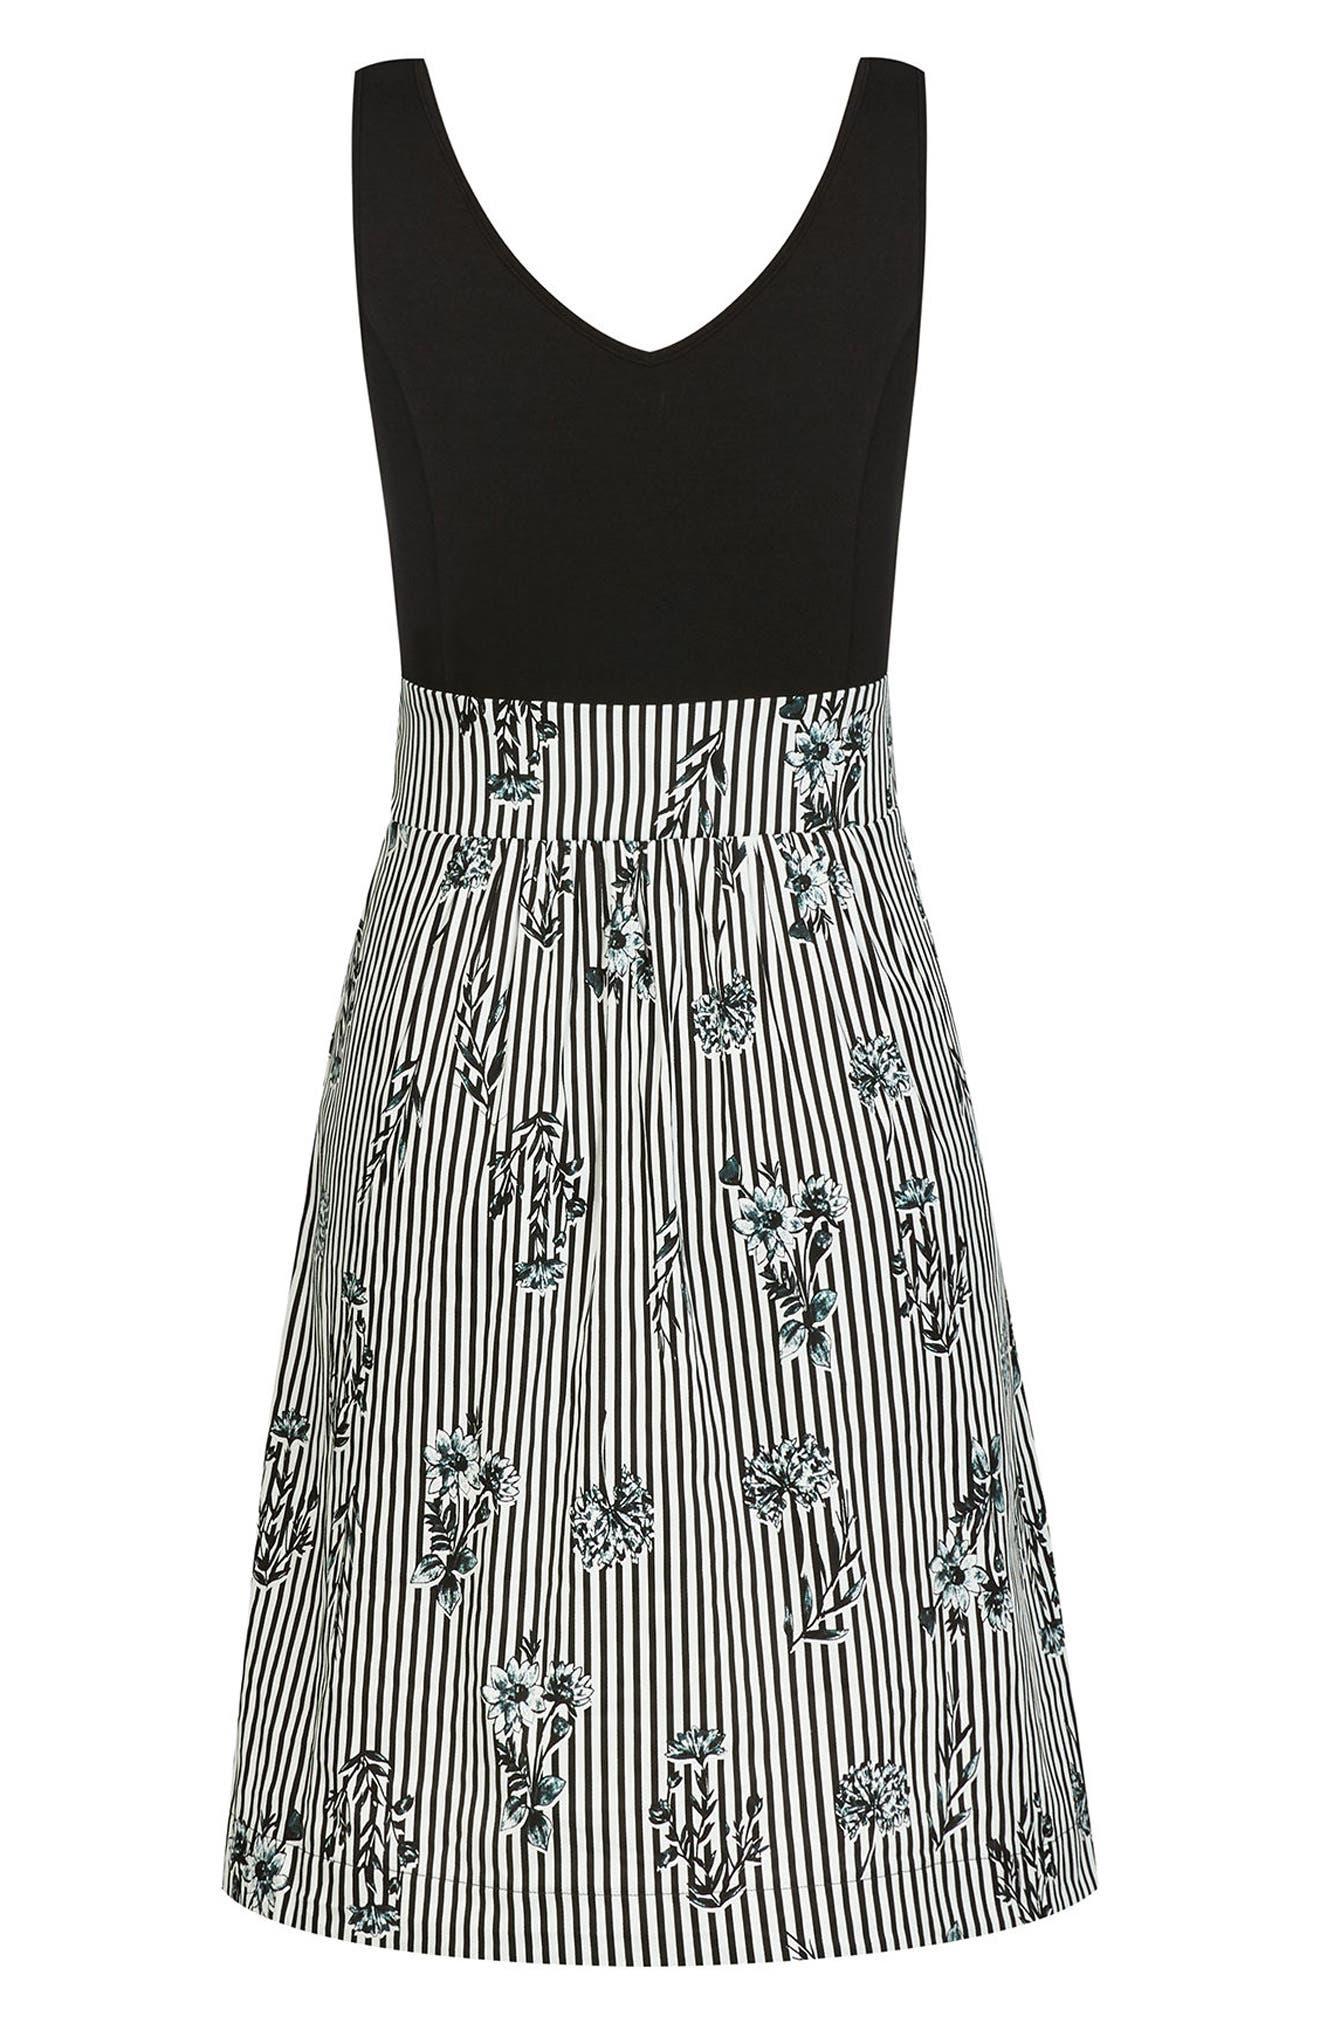 Stripe Floral A-Line Dress,                             Alternate thumbnail 3, color,                             Flower Line